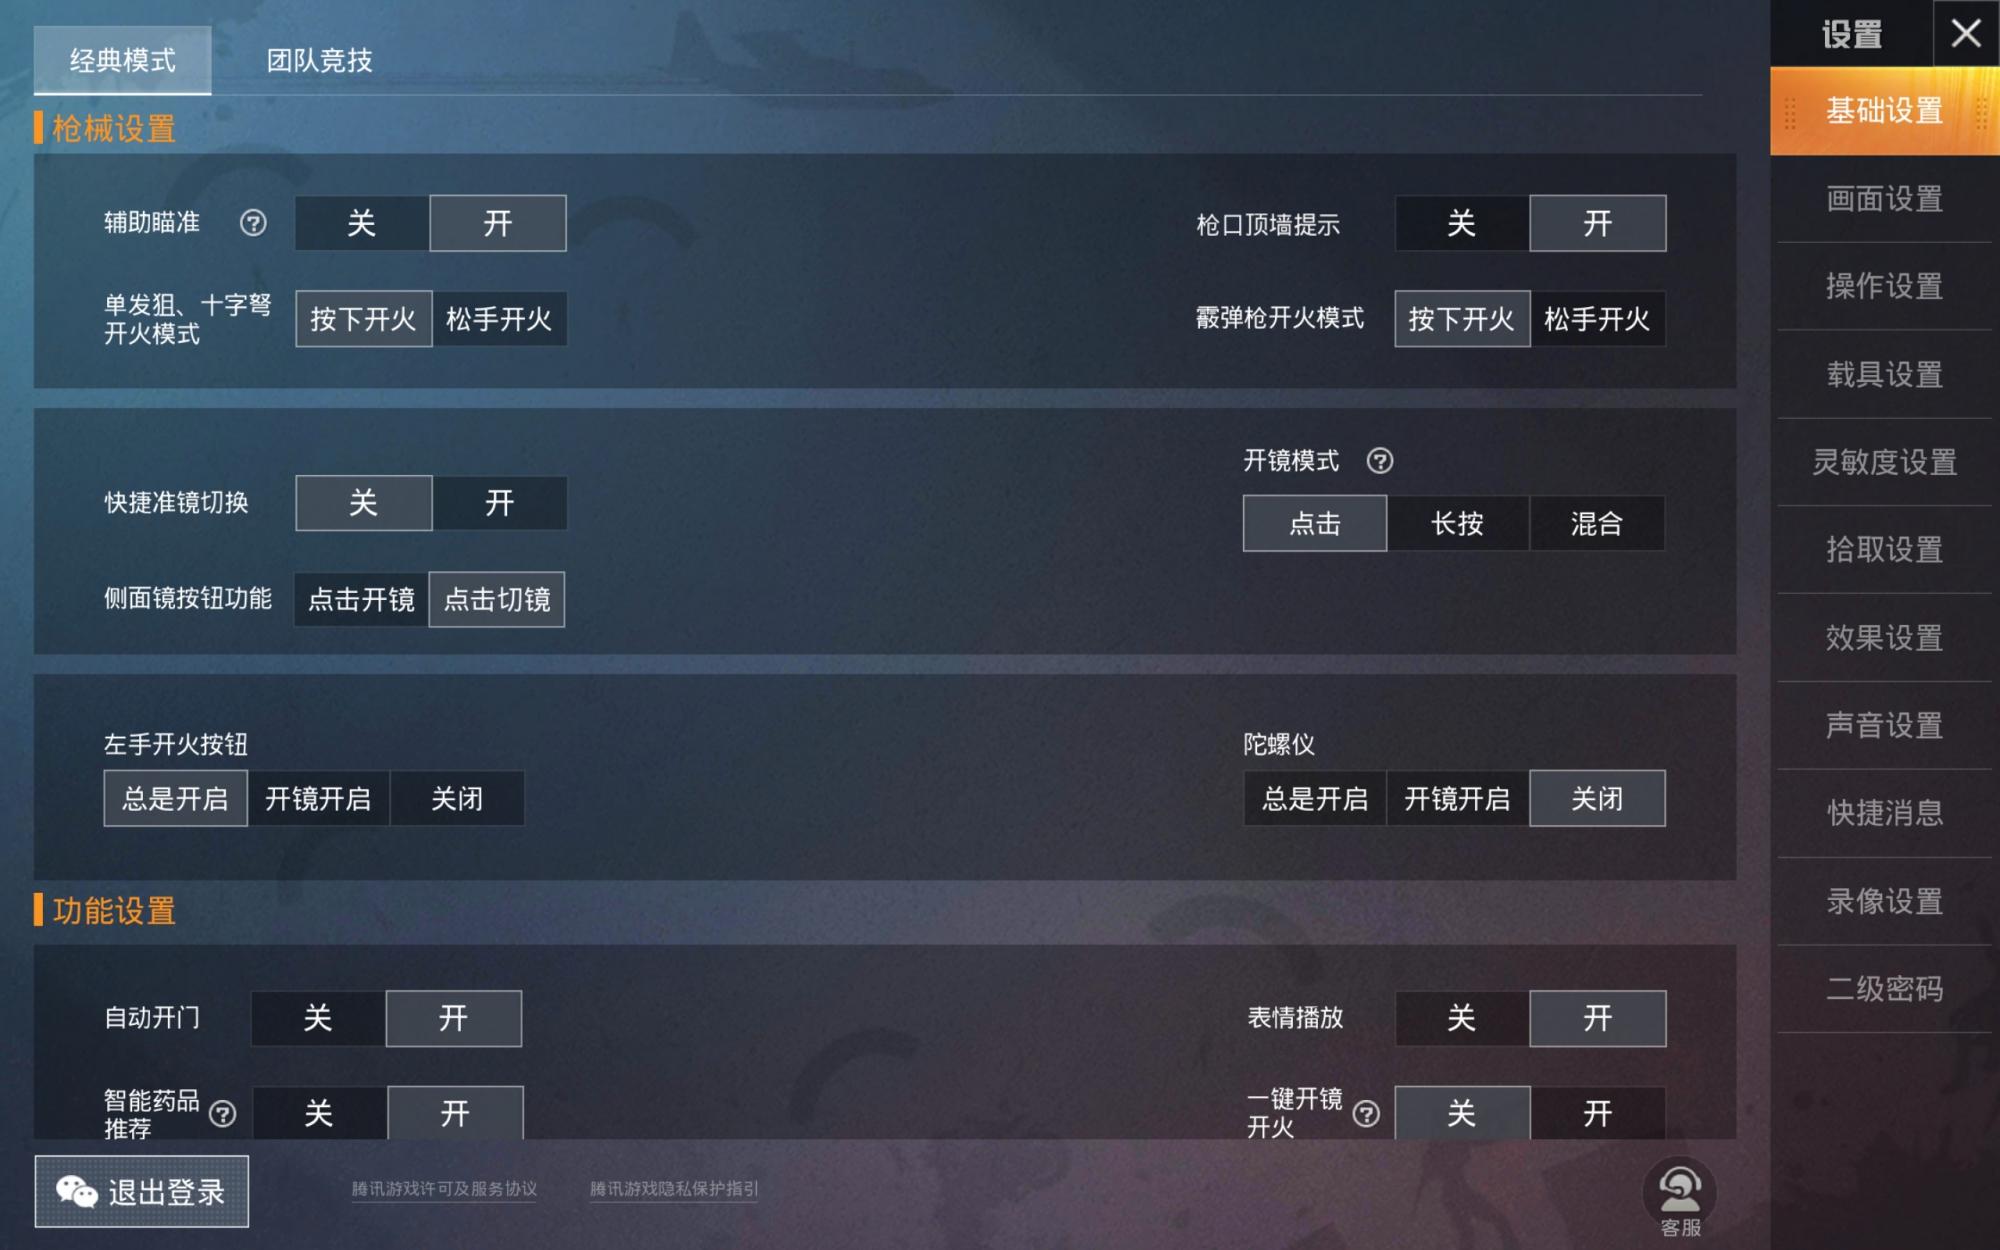 Screenshot_20190822_142846_com.tencent.tmgp.pubgmhd.jpg